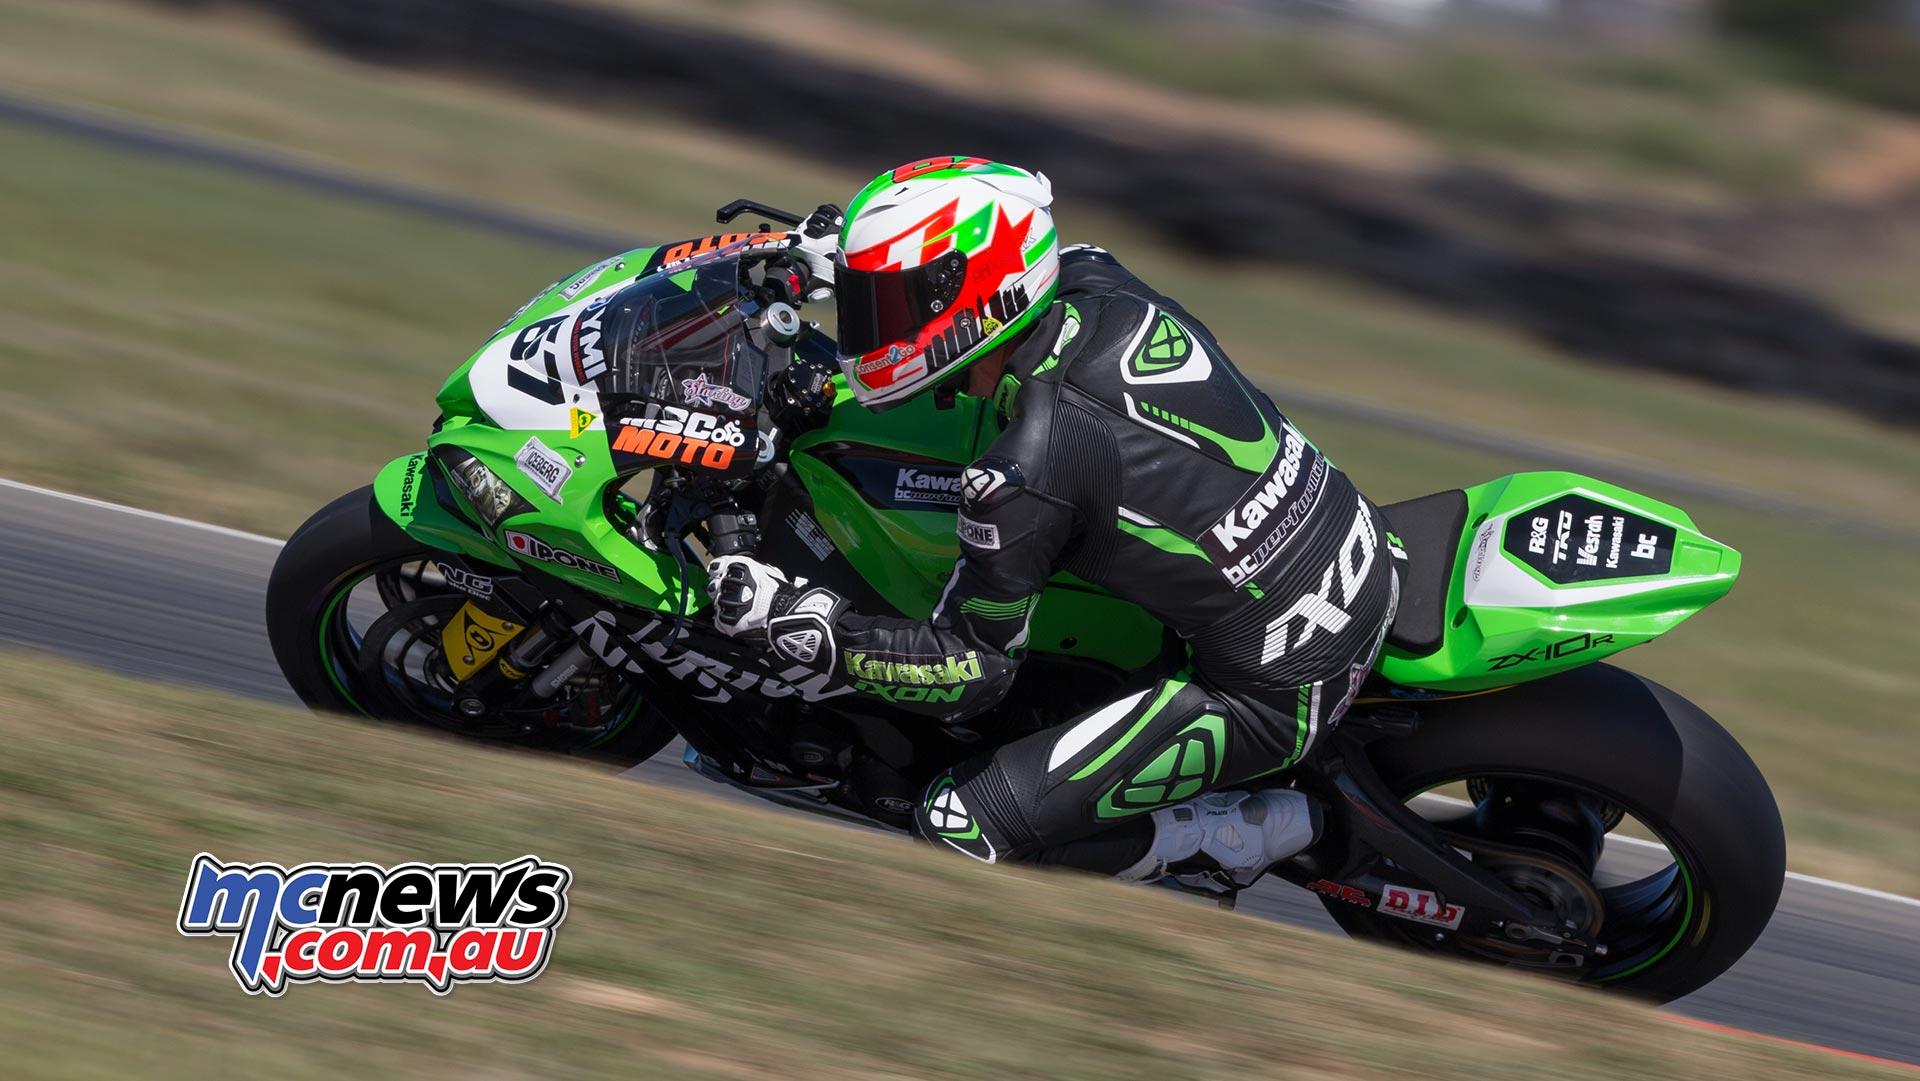 Image Result For Asbk Championship Superbike Supersport Rnd Wakefield